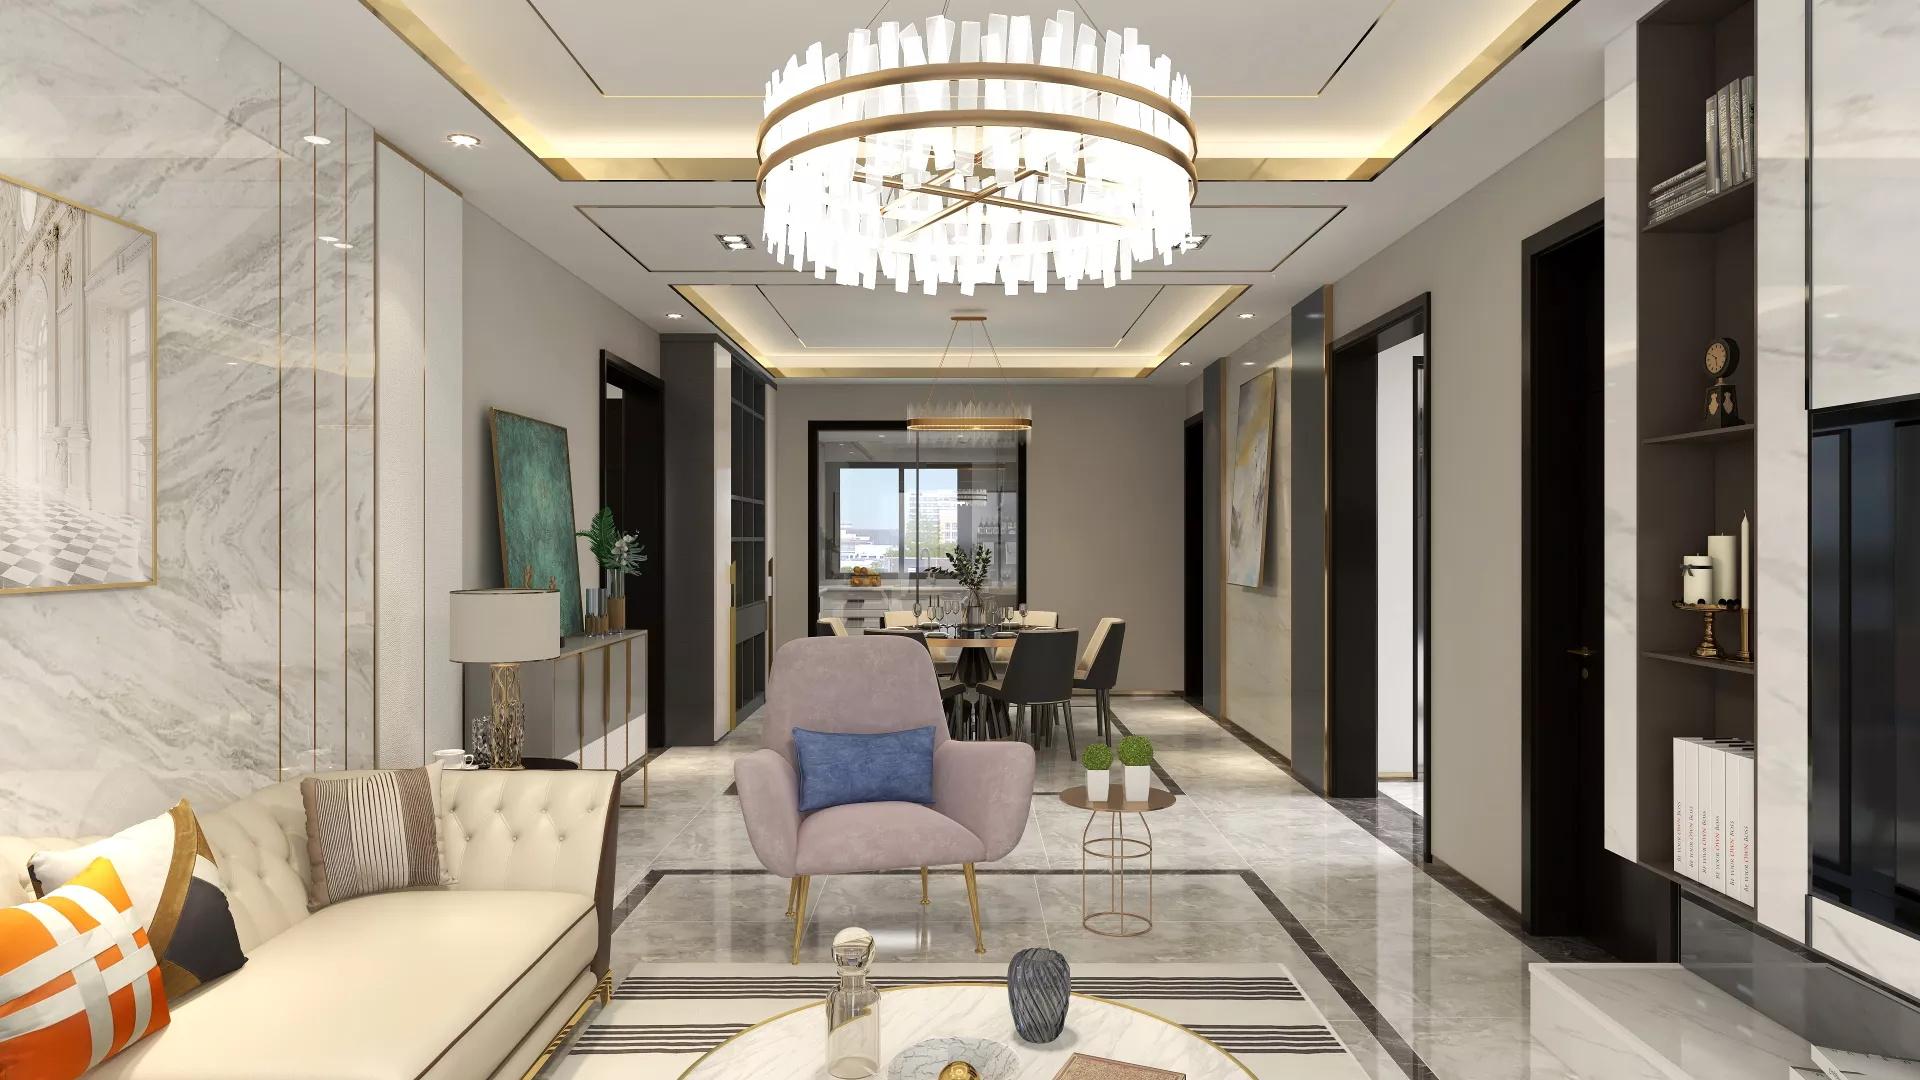 婚房如何裝修設計 婚房裝修設計的要點